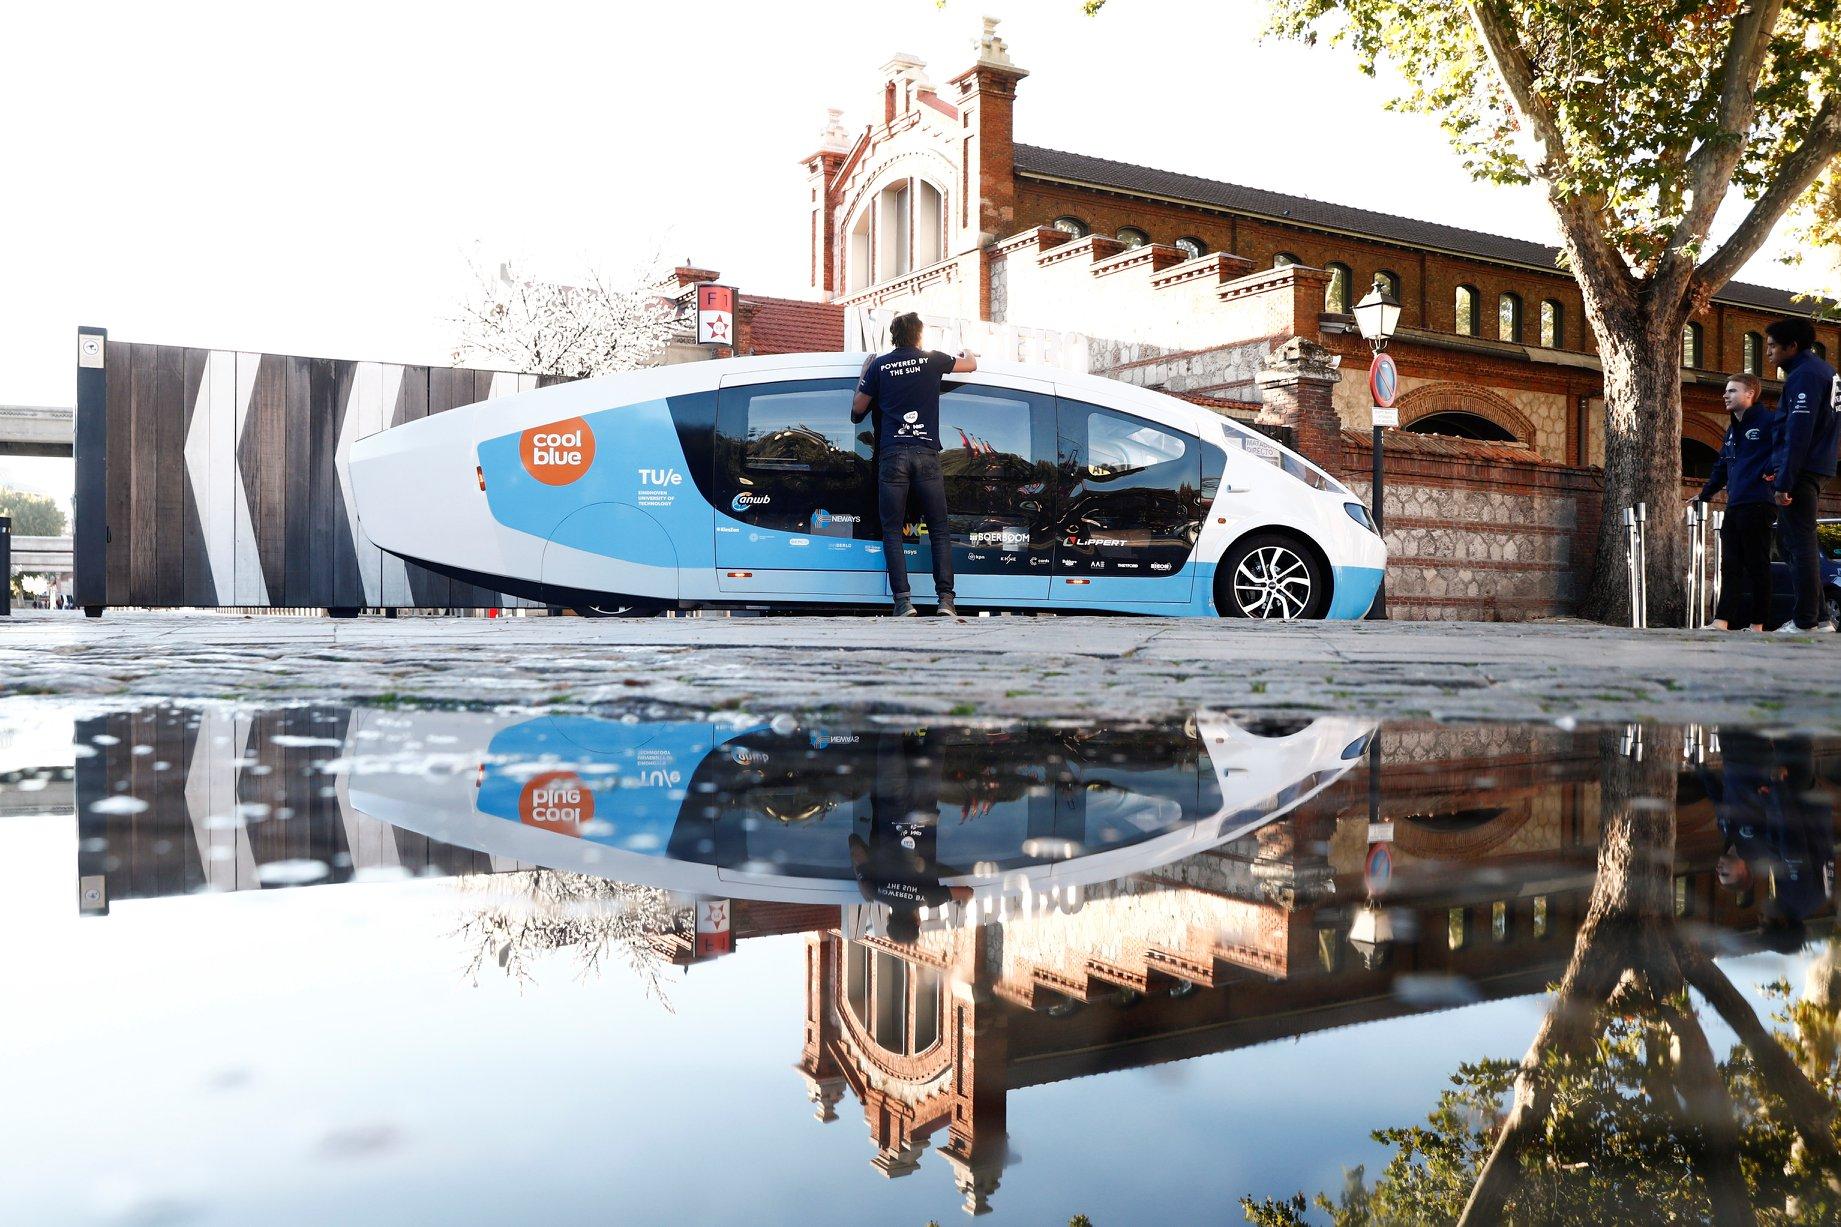 будинок на колесах, який живиться від сонячних батарей6